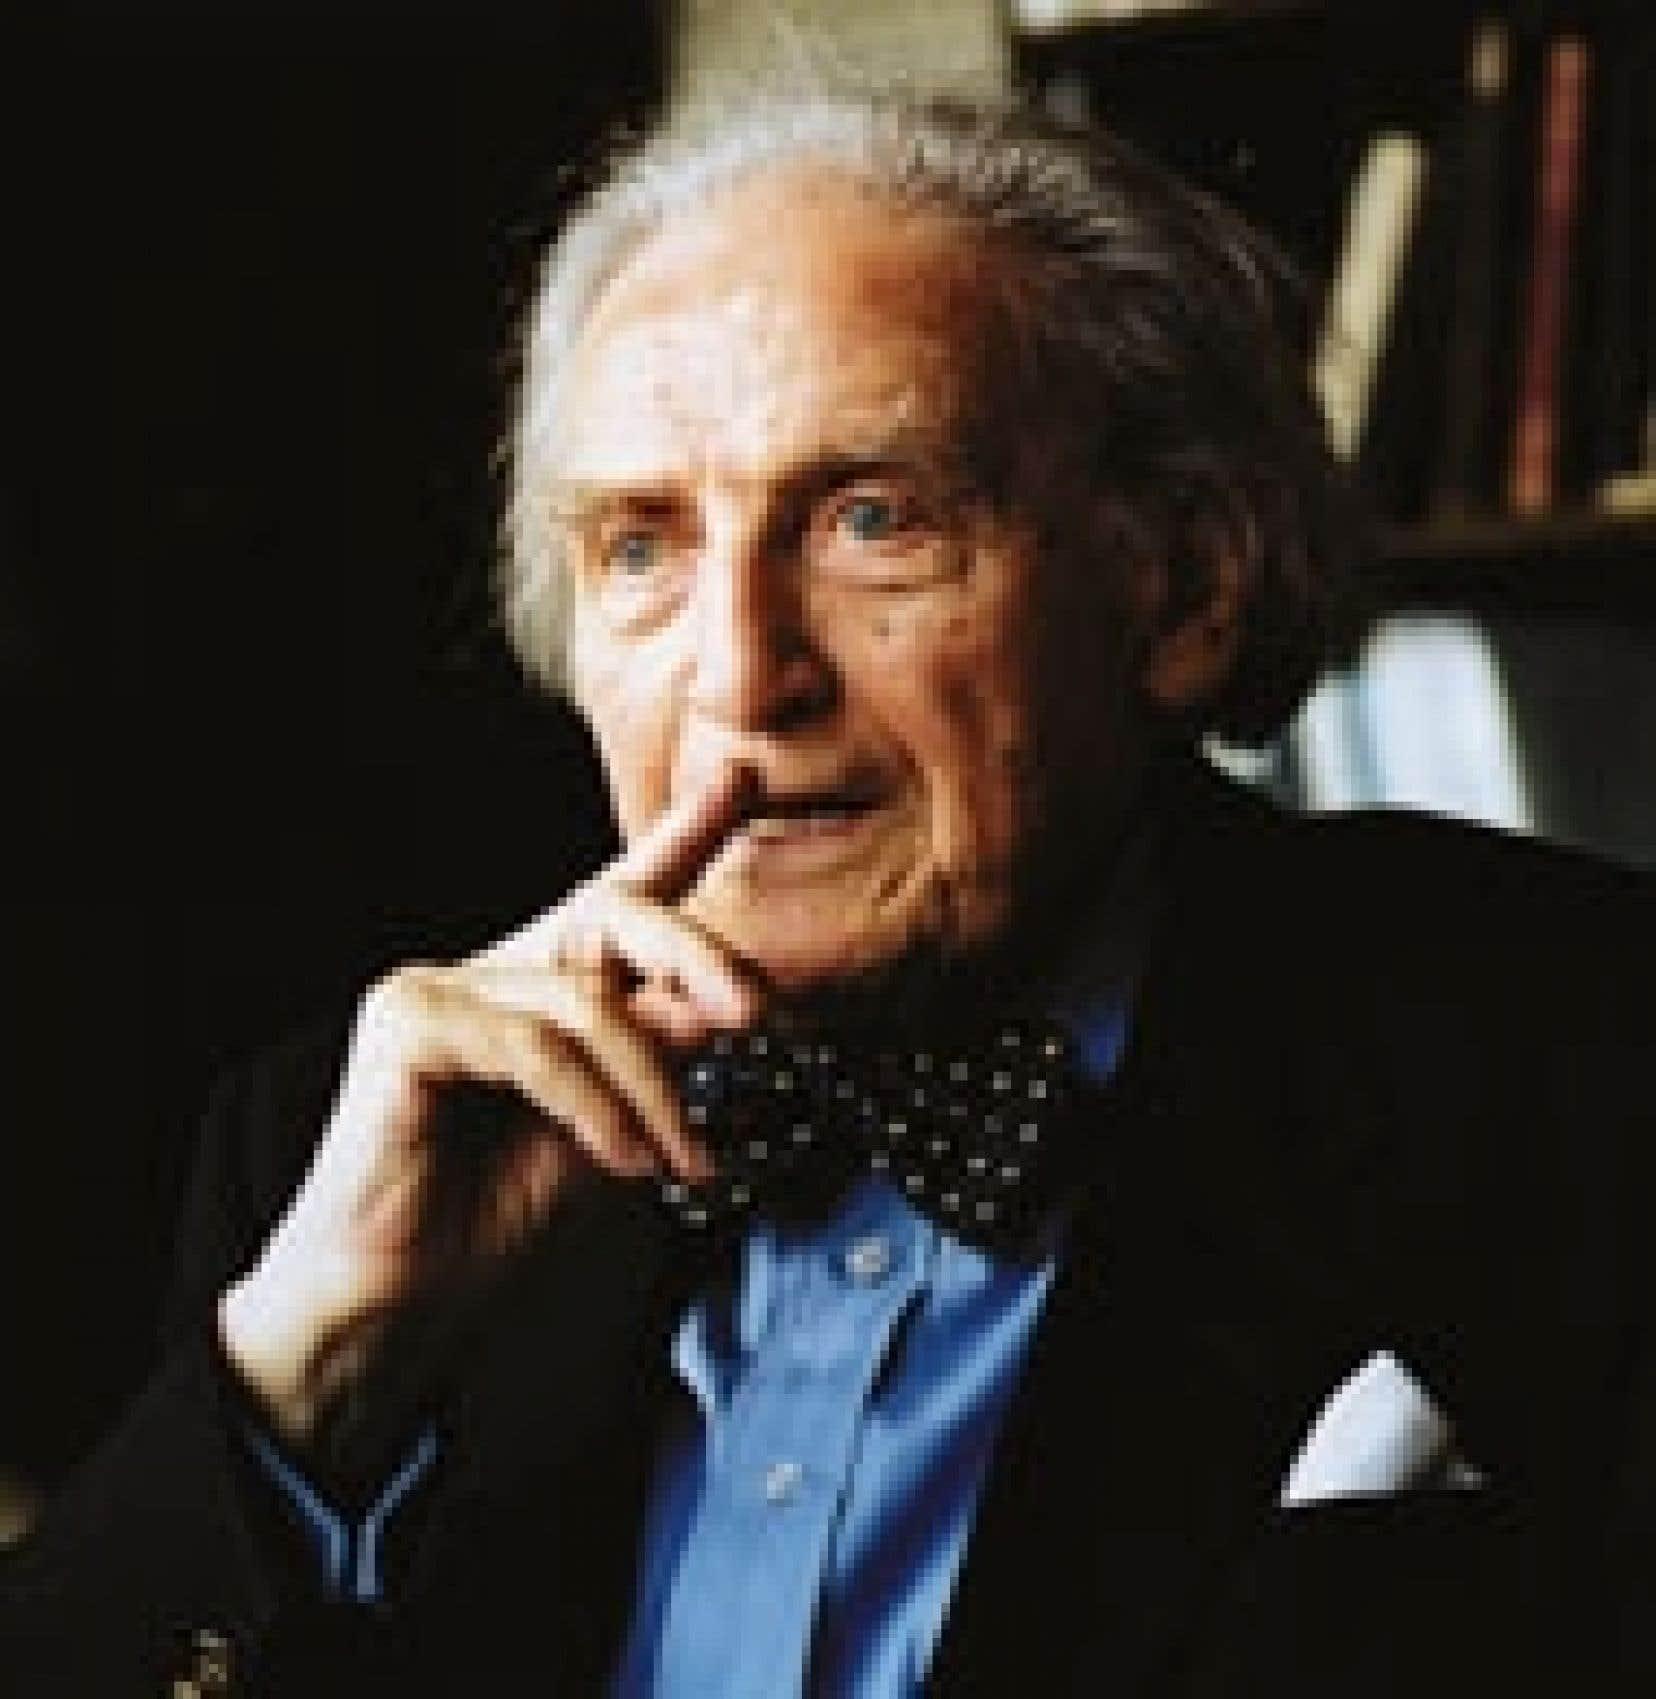 Raymond Klibansky dans le documentaire biographique intitulé De la philosophie à la vie, primé en 2002 au Festival international du film sur l'art. La volonté de suivre à la trace des notions et des concepts sur des milliers d'années, dans plus